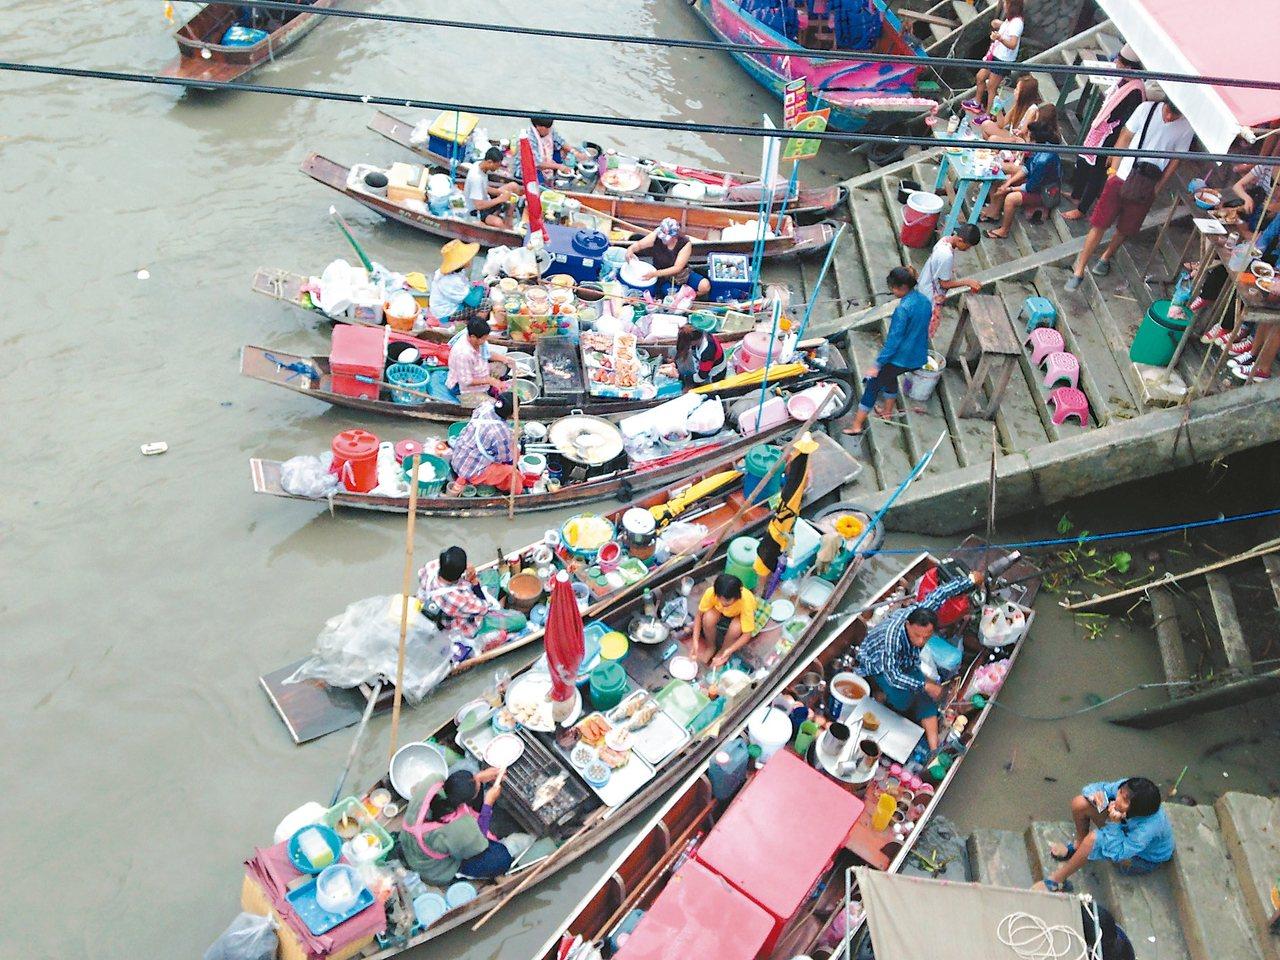 數十家的船屋集合,讓人眼花撩亂。 記者梅衍儂/攝影